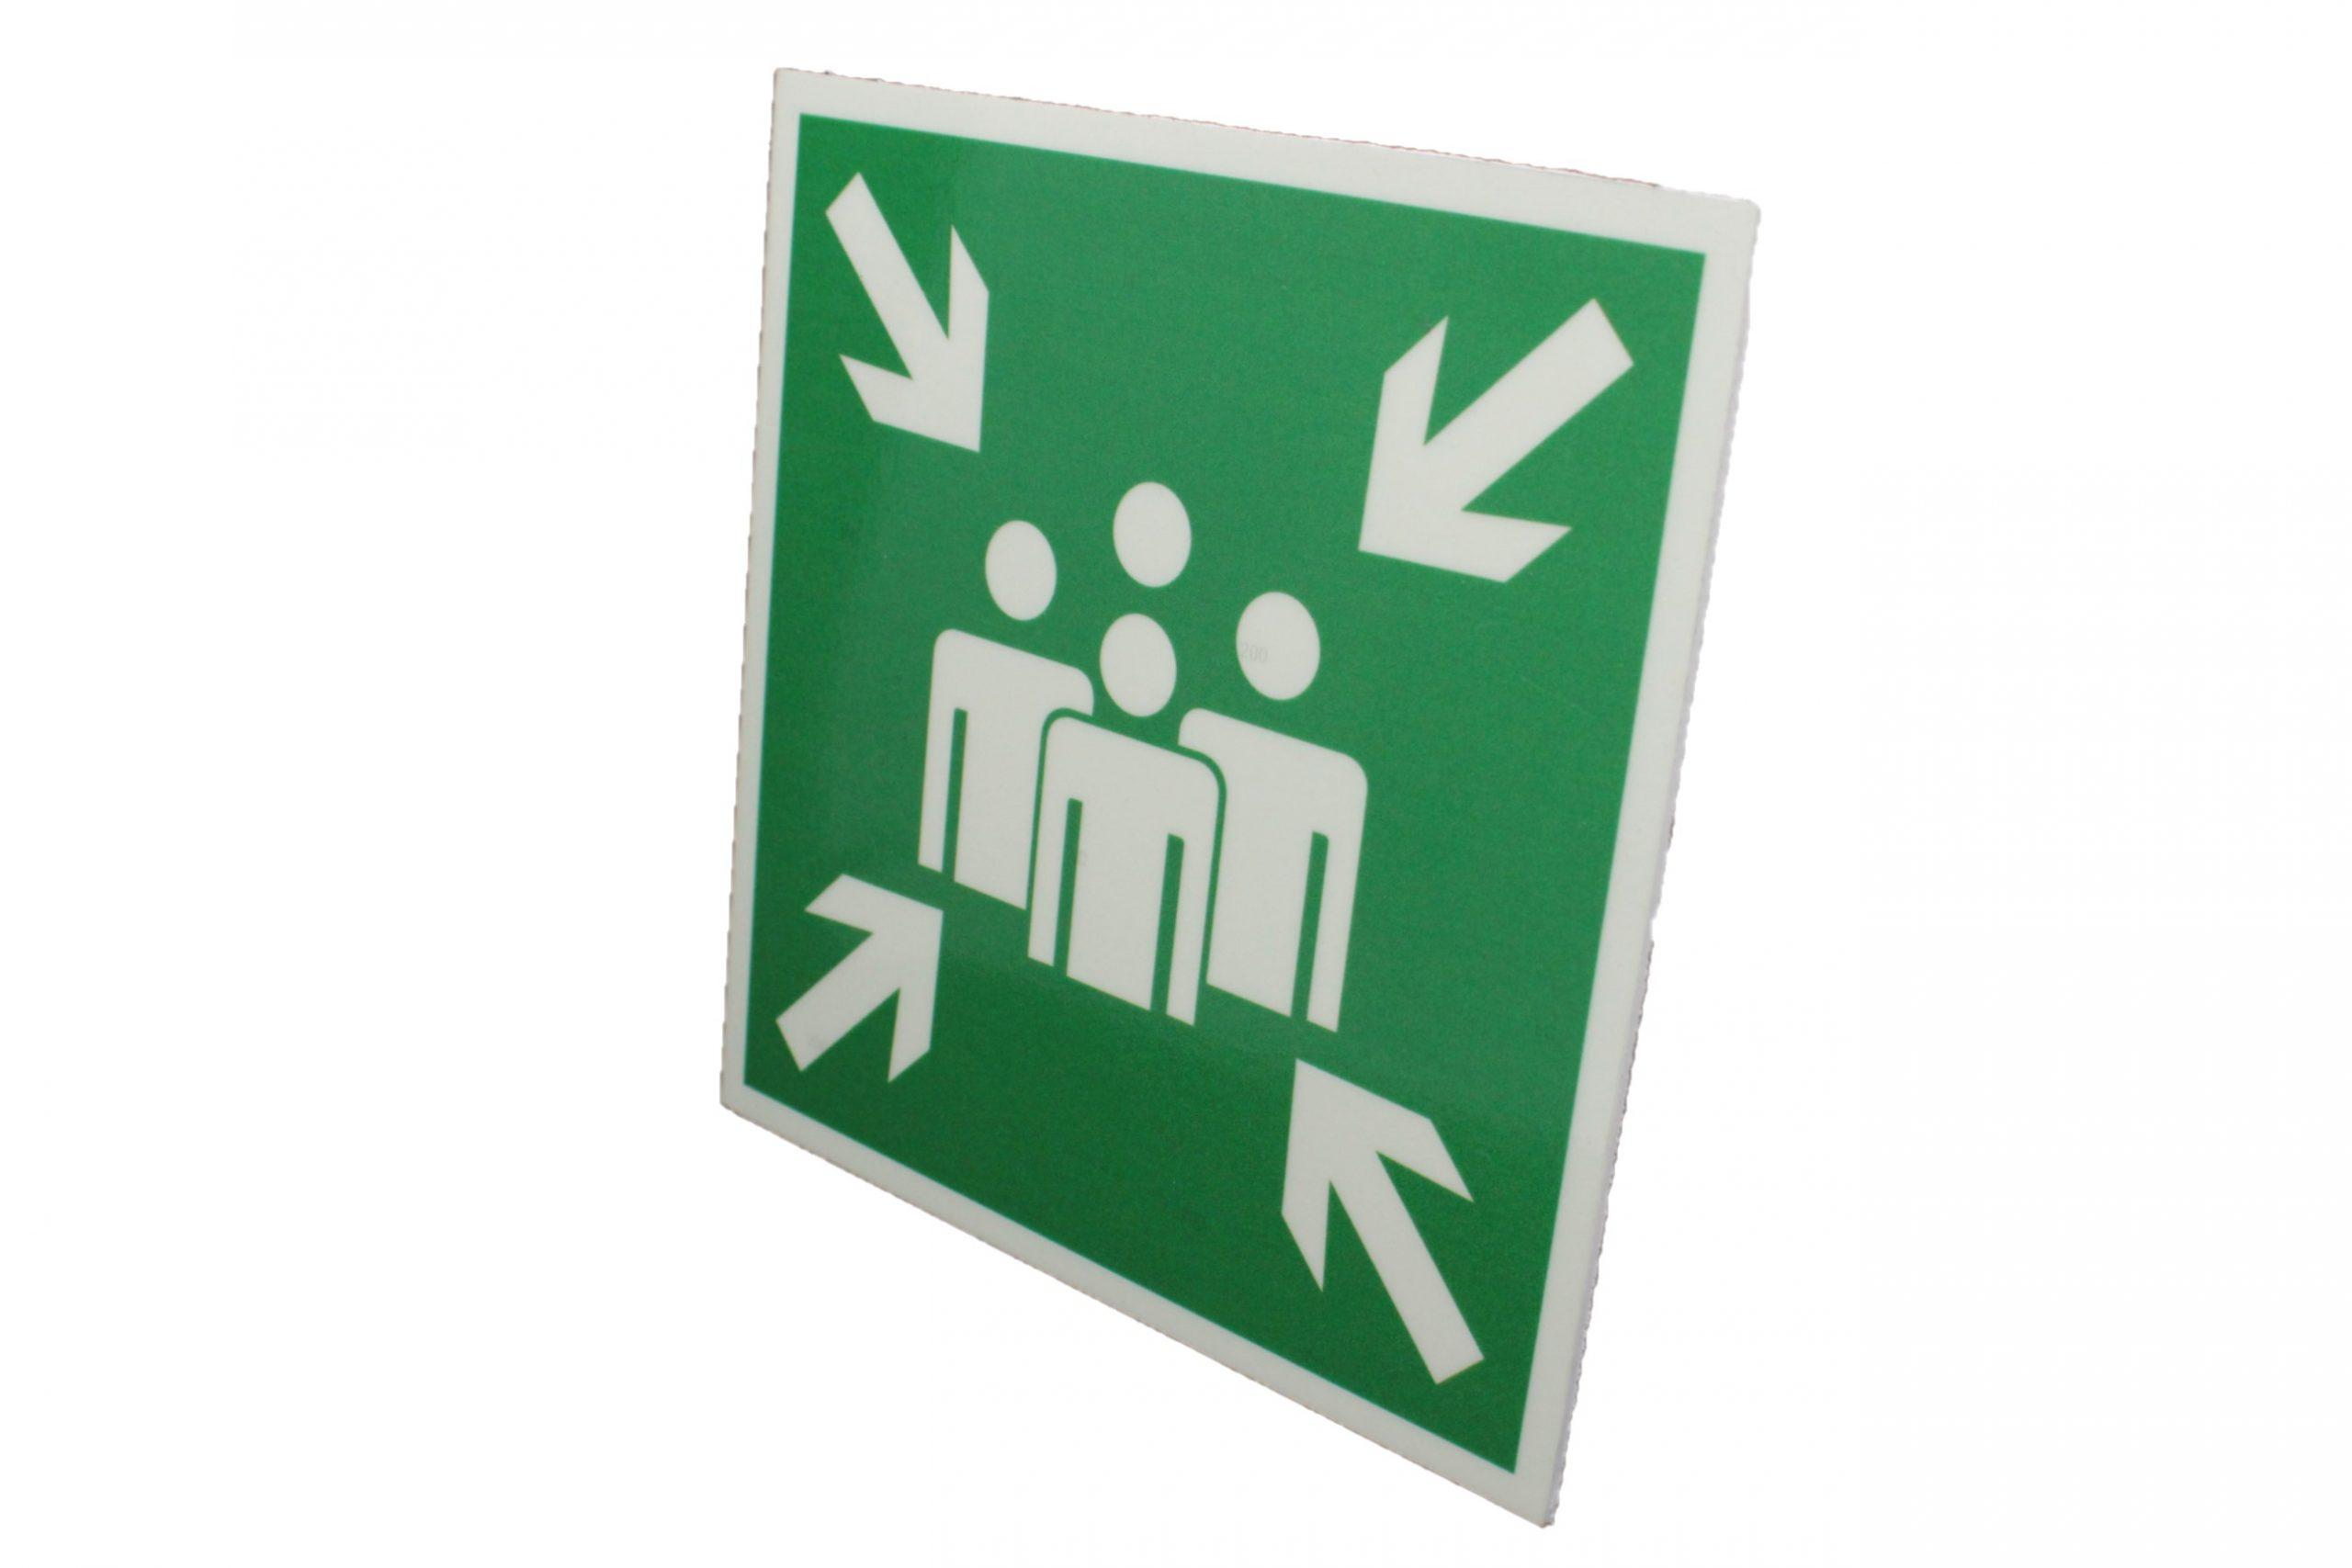 Знак эвакуации фотолюминесцентный место сбора